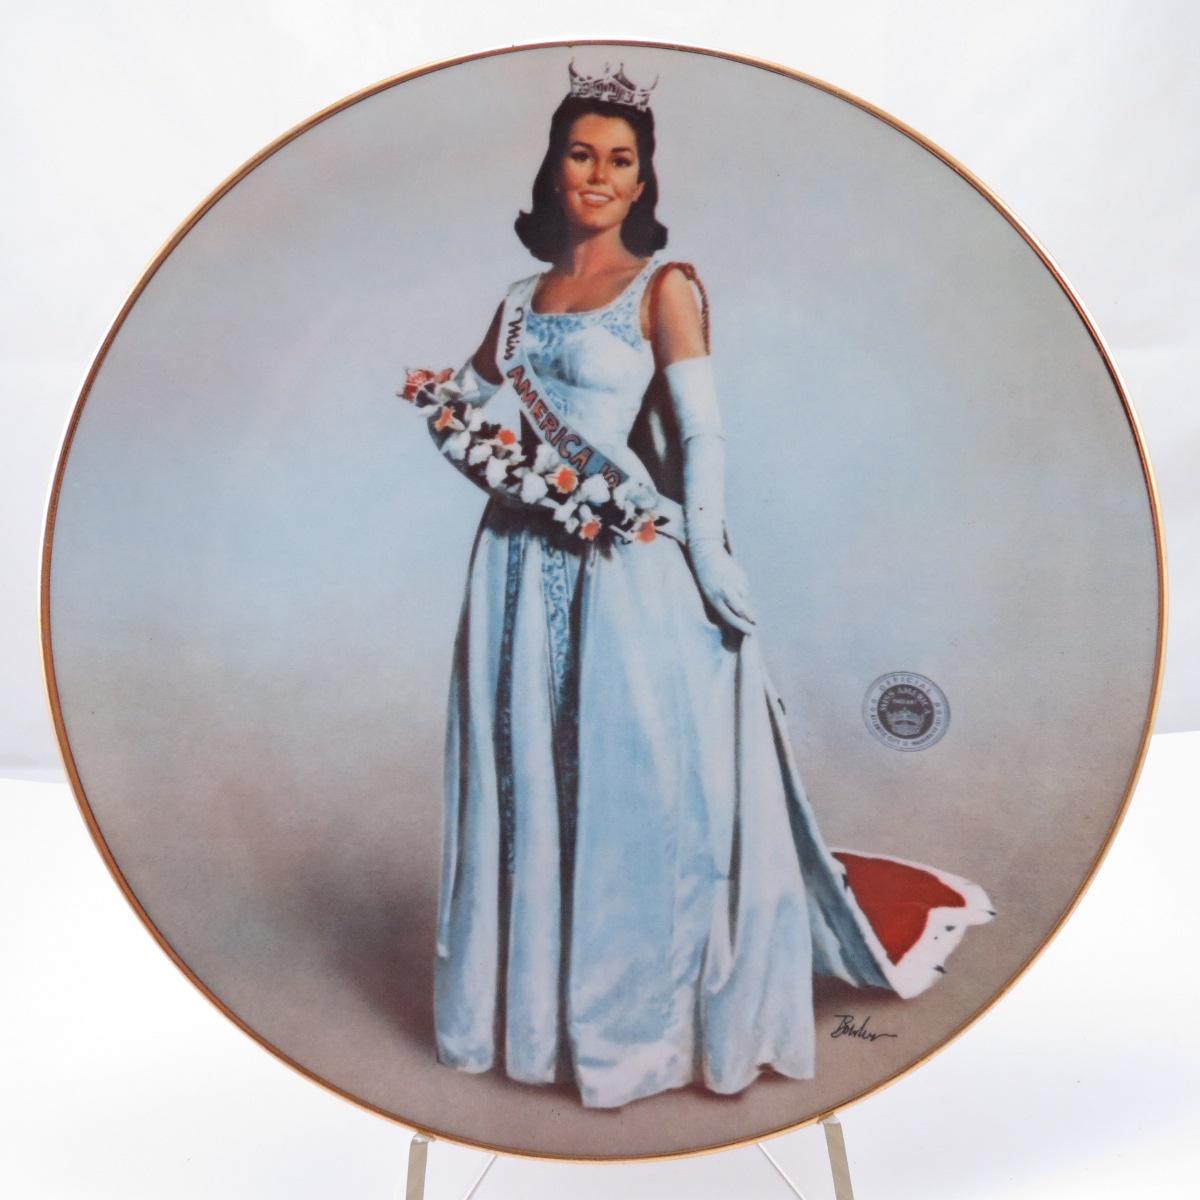 Декоративная коллекционная тарелка Мисс Америка 1975. Фарфор, деколь, золочение. США, Ridgewood, 1975 декоративная коллекционная тарелка мисс америка 1975 фарфор деколь золочение сша ridgewood 1975